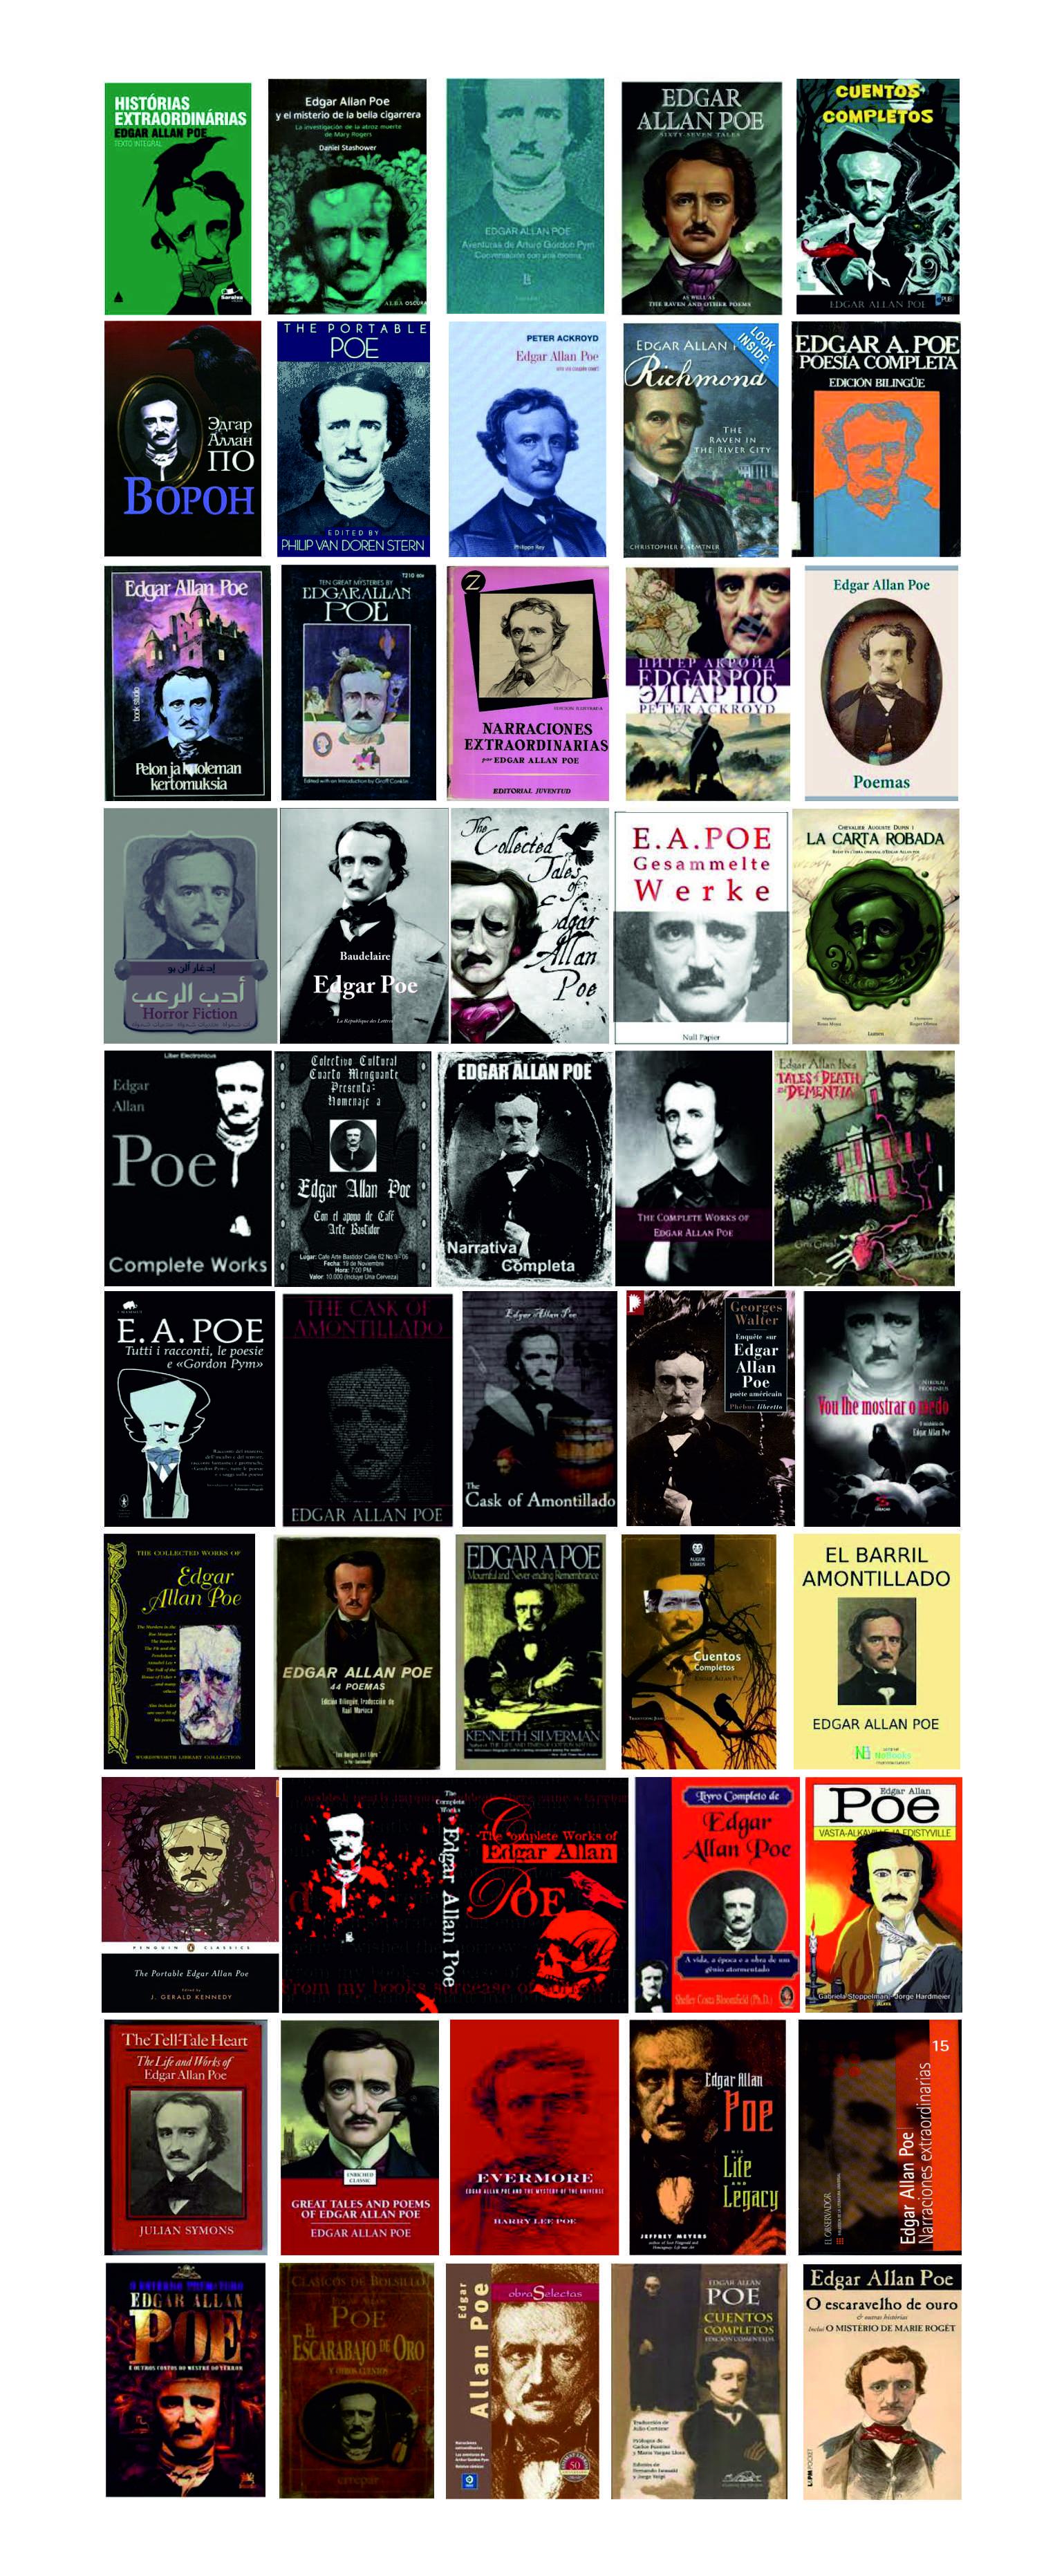 Portadas de libros con la imagen de Edgar Allan Poe